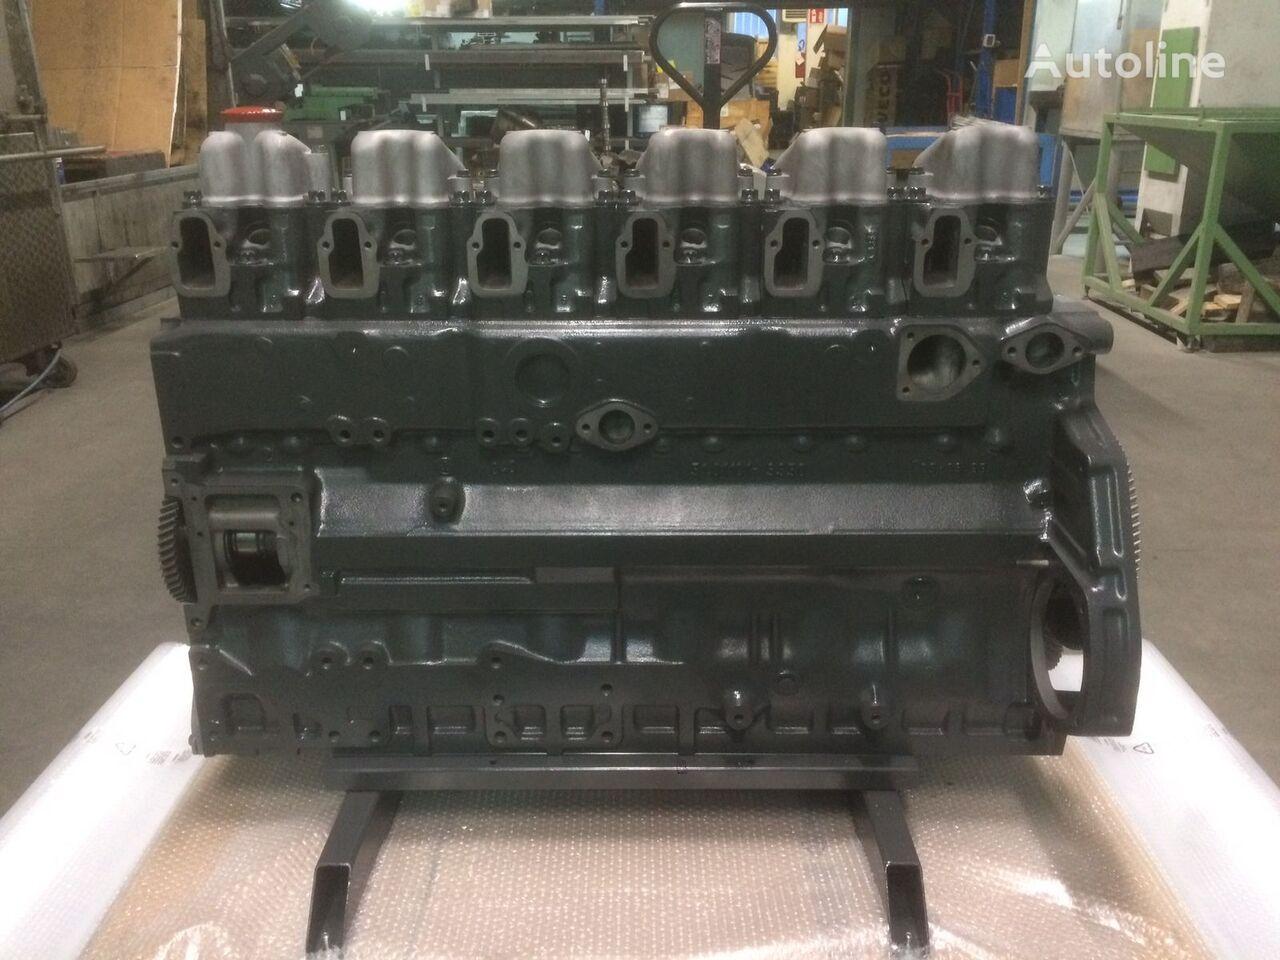 MAN - MOTORE D2866LOH23 per BUS e (81005016082) bloque de motor para camión